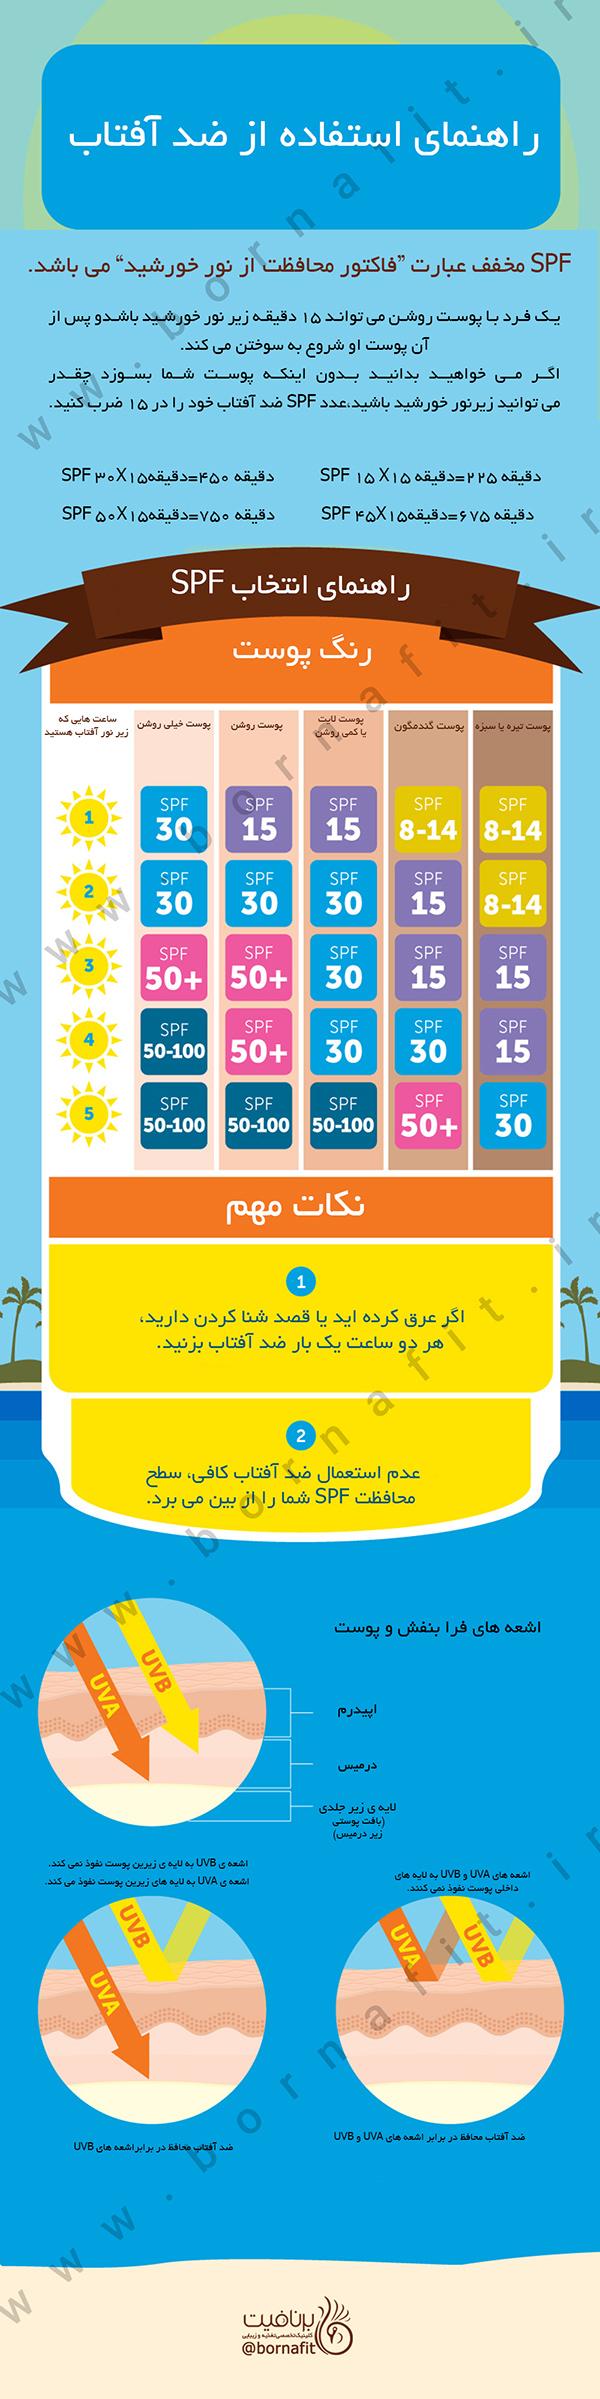 راهنمای استفاده از ضد آفتاب - برنافیت